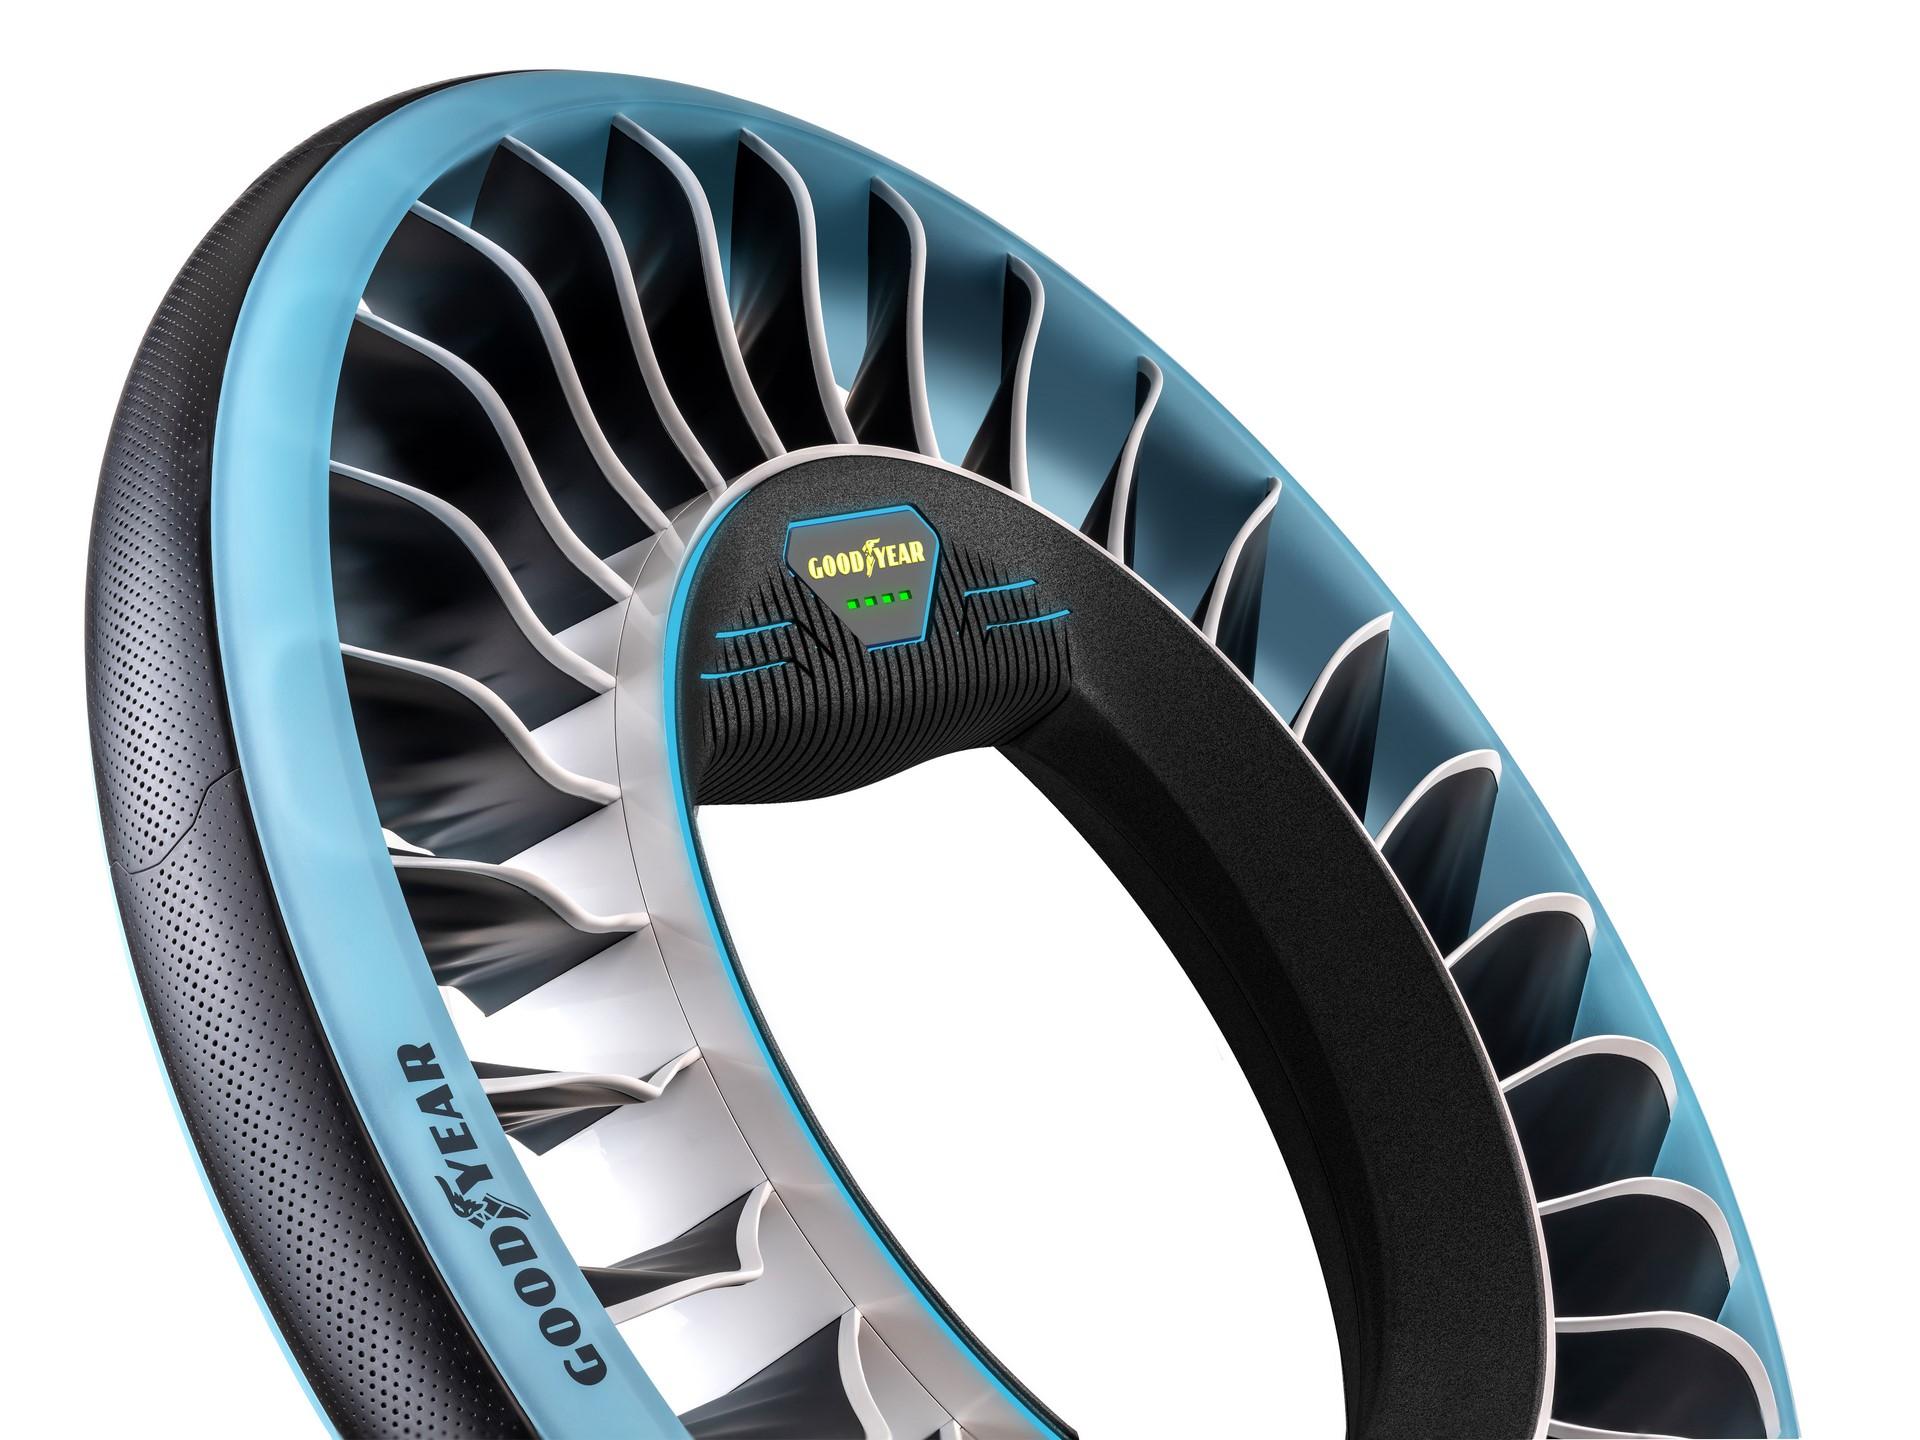 Goodyear Aero Tiltrotor Tire Concept (5)